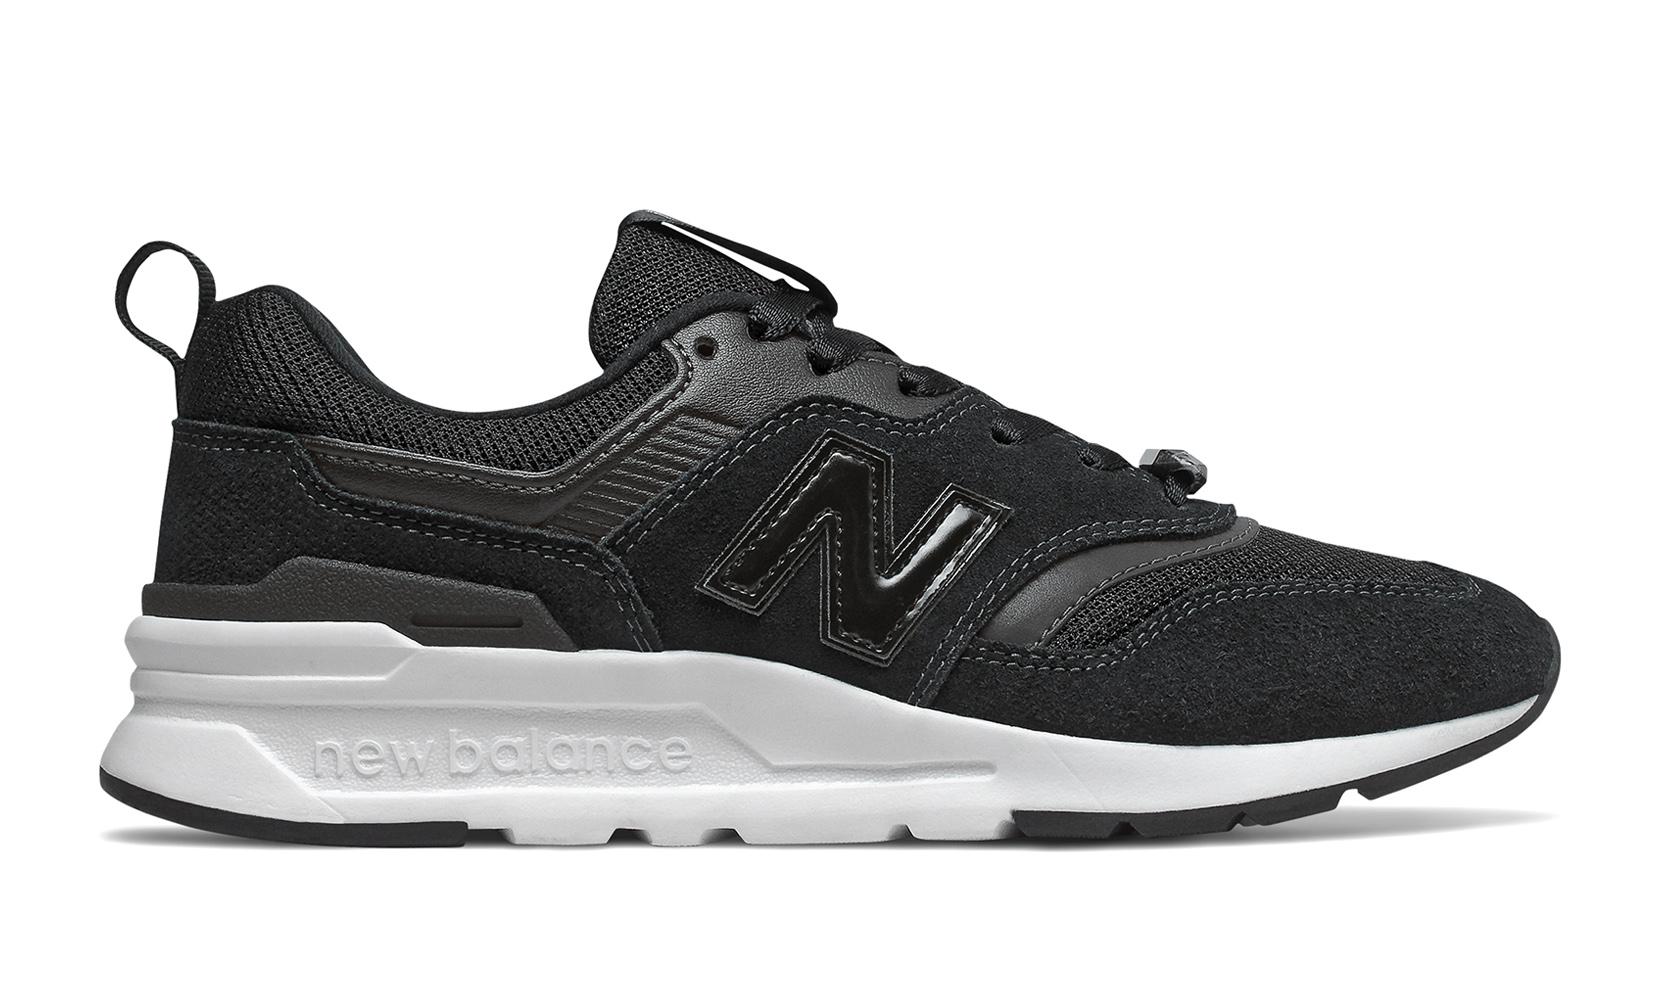 Жіноче взуття повсякденне New Balance 997 CW997HJB | New Balance